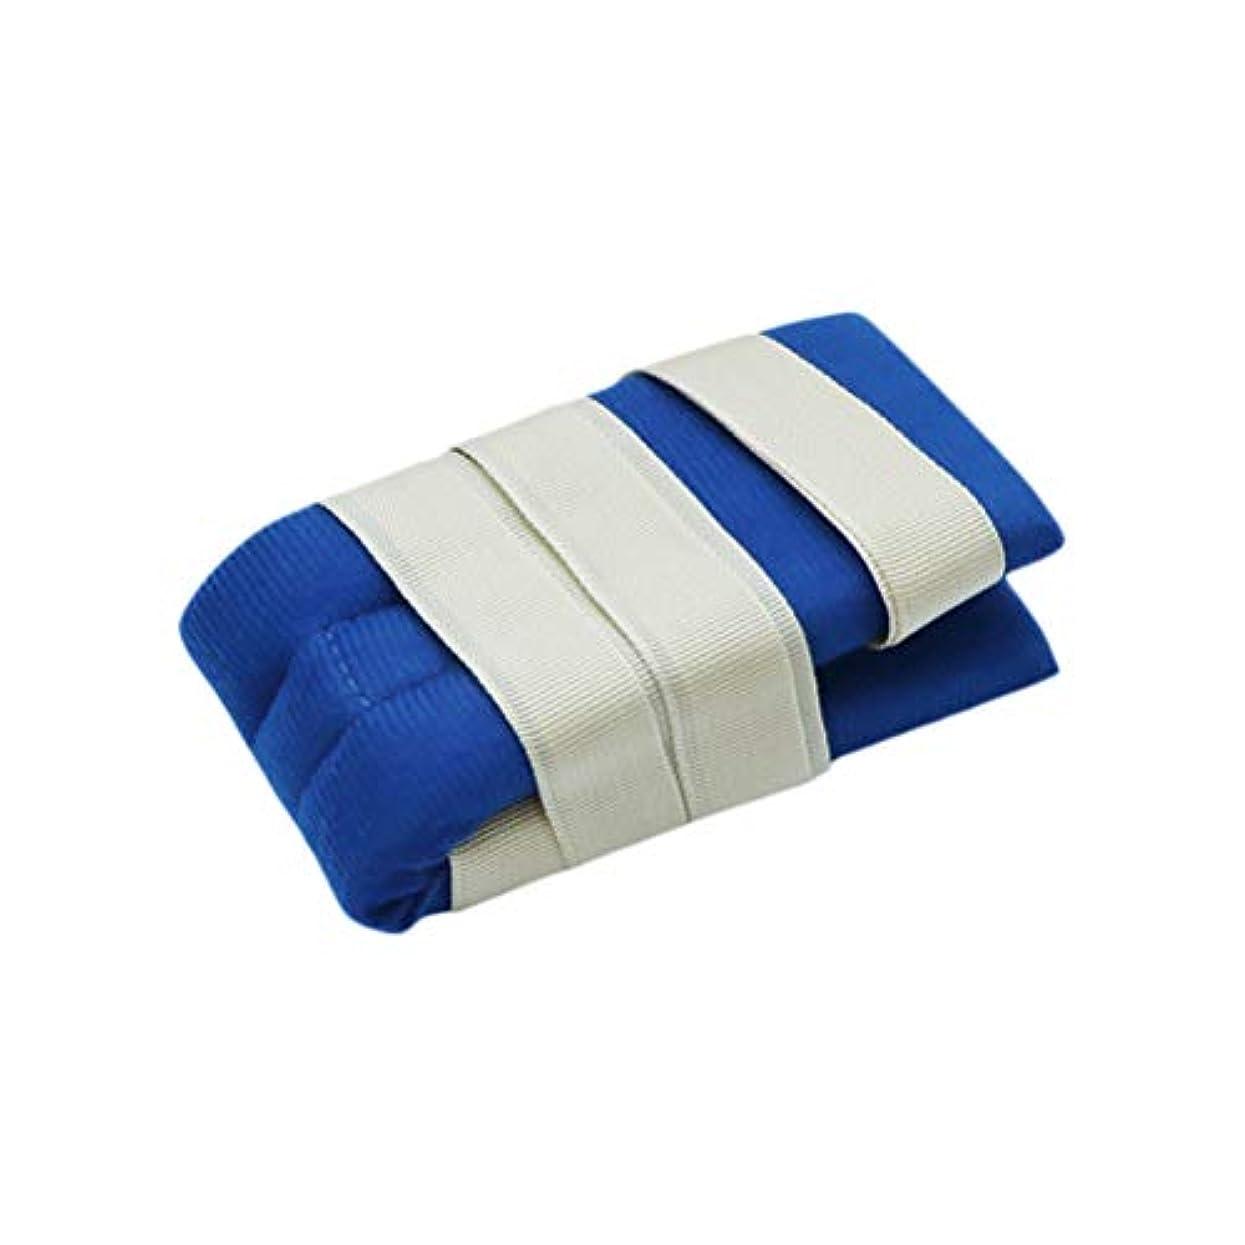 役に立たない重くするポイント手または足のための柔らかい医学の制限の革紐バンド病院用ベッドの肢のホールダー患者のための普遍的な抑制制御クイックリリースバンド